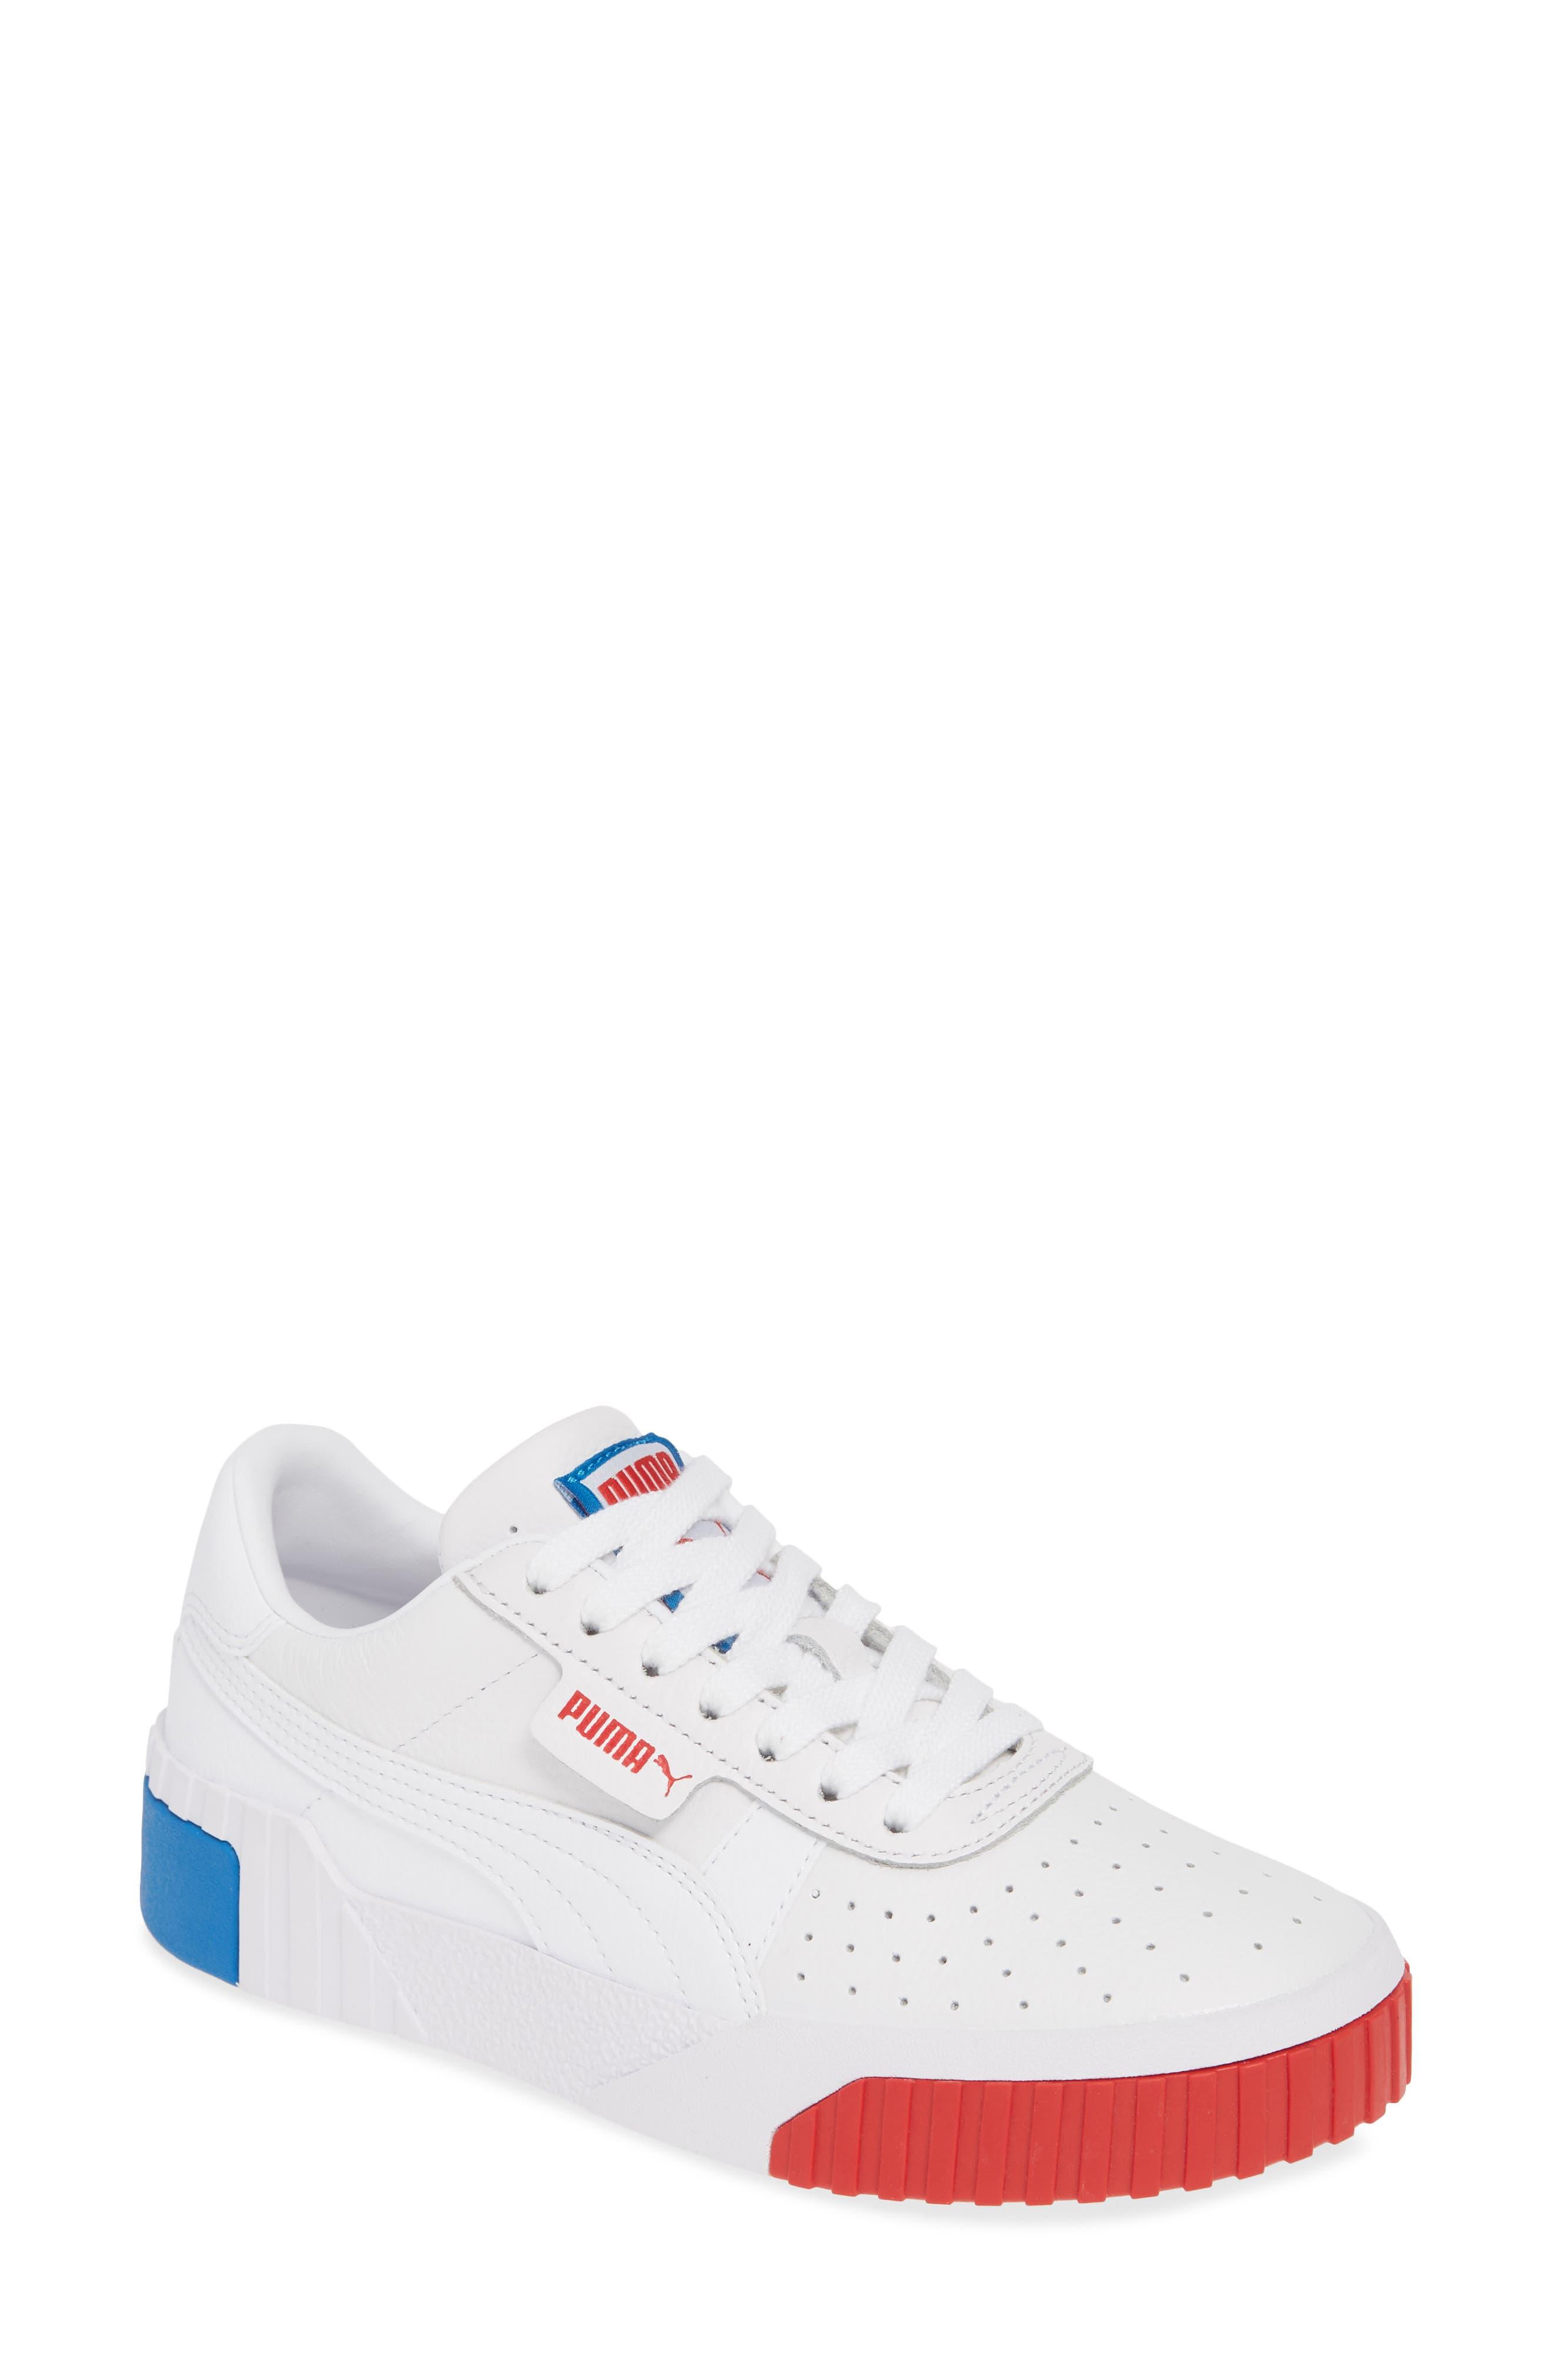 4175da5cd all white puma sneakers | ventes flash